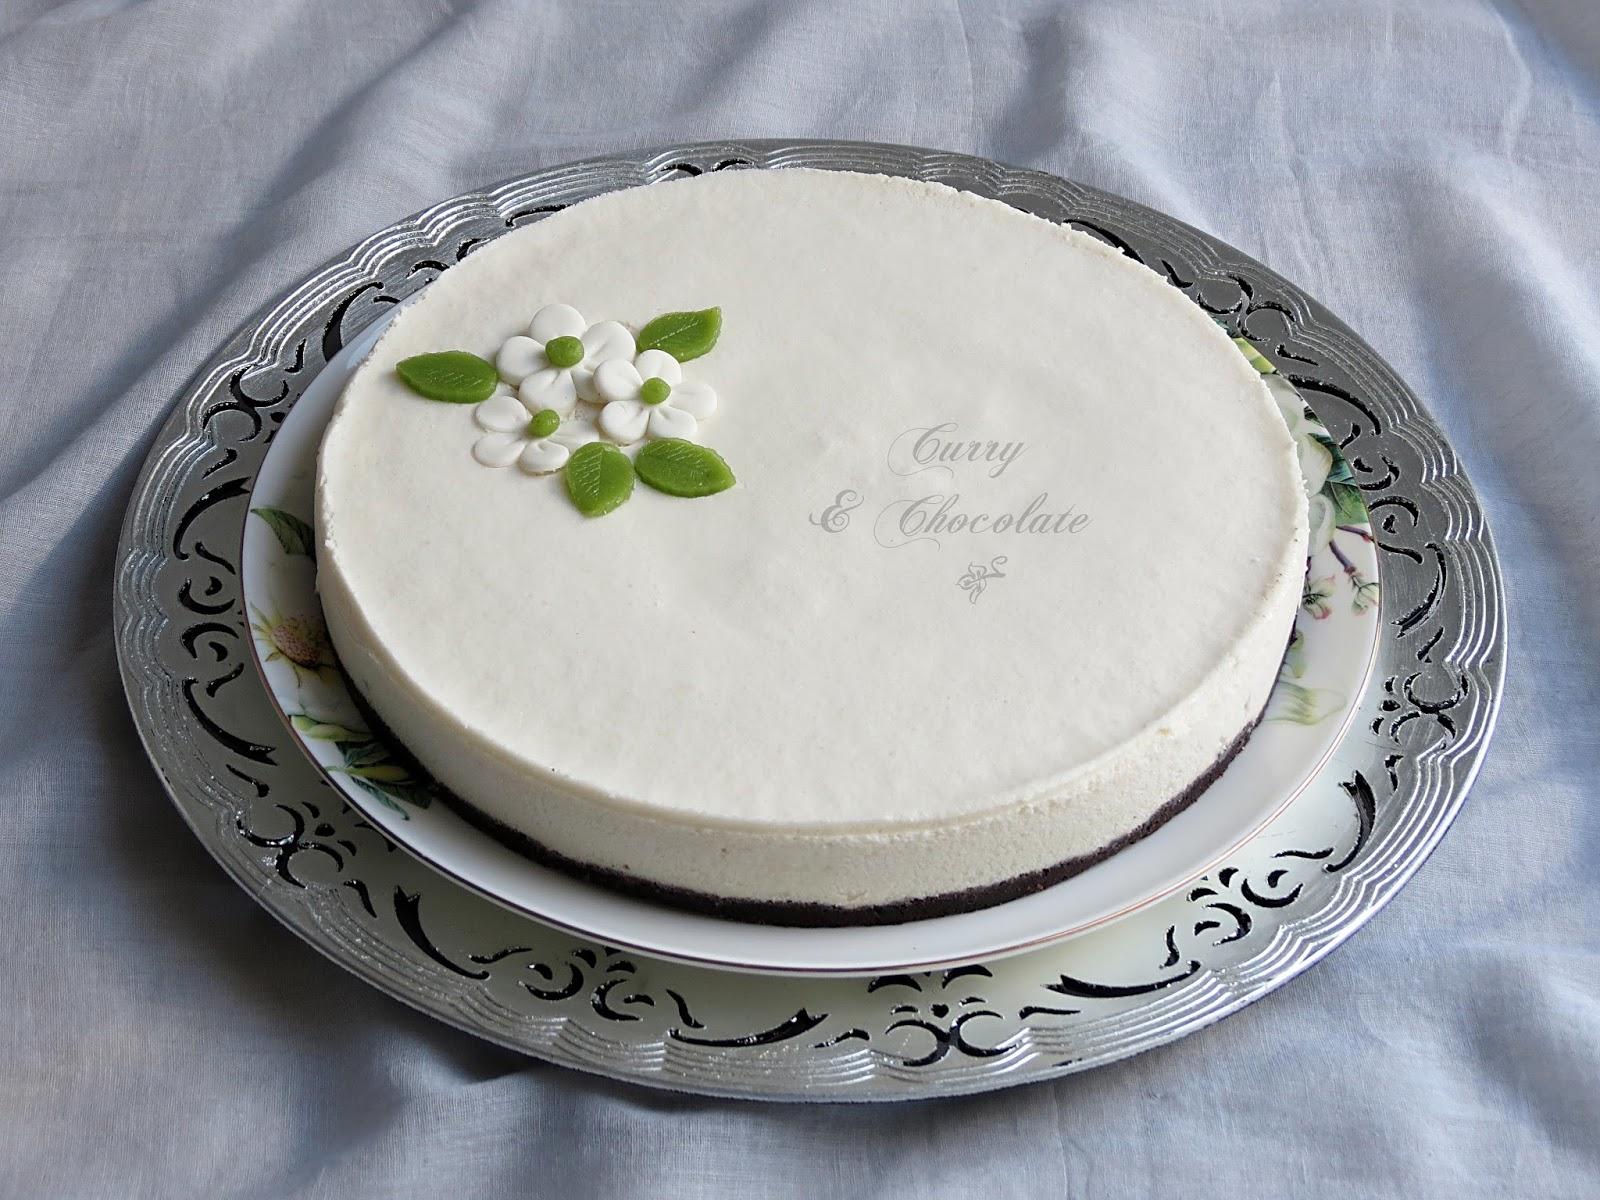 Tarta mousse de chocolate blanco y coco (sin horno